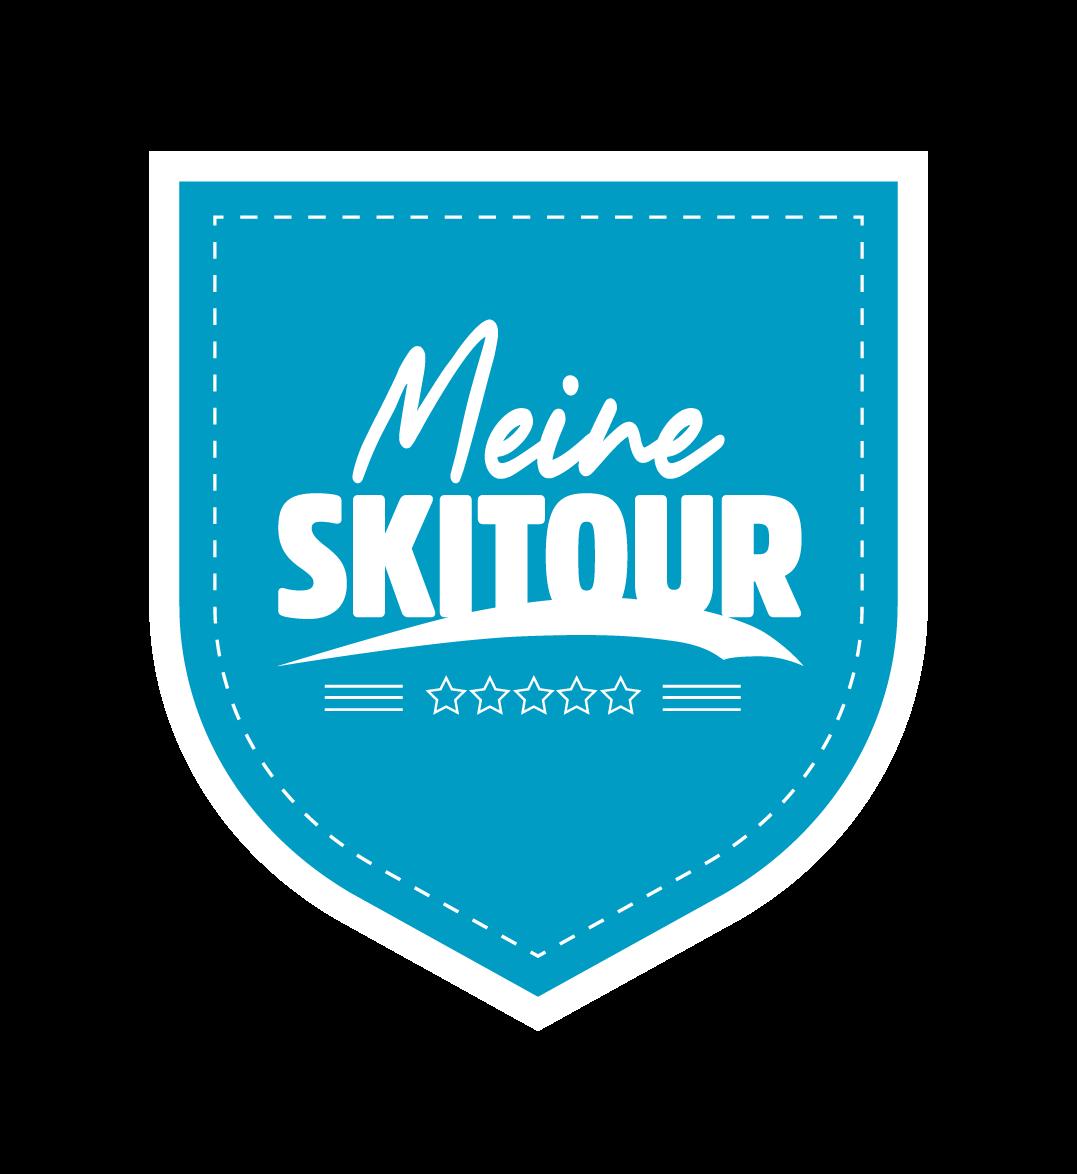 Meine Skitour